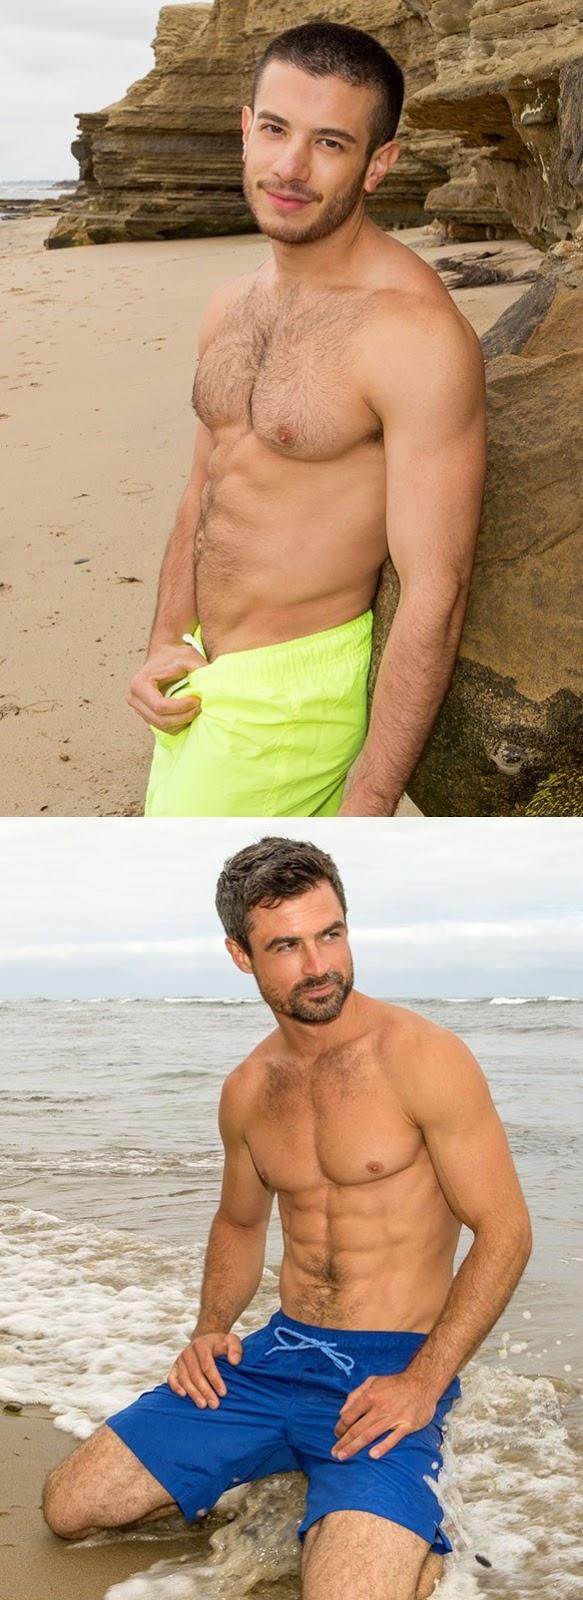 Free gay latino men